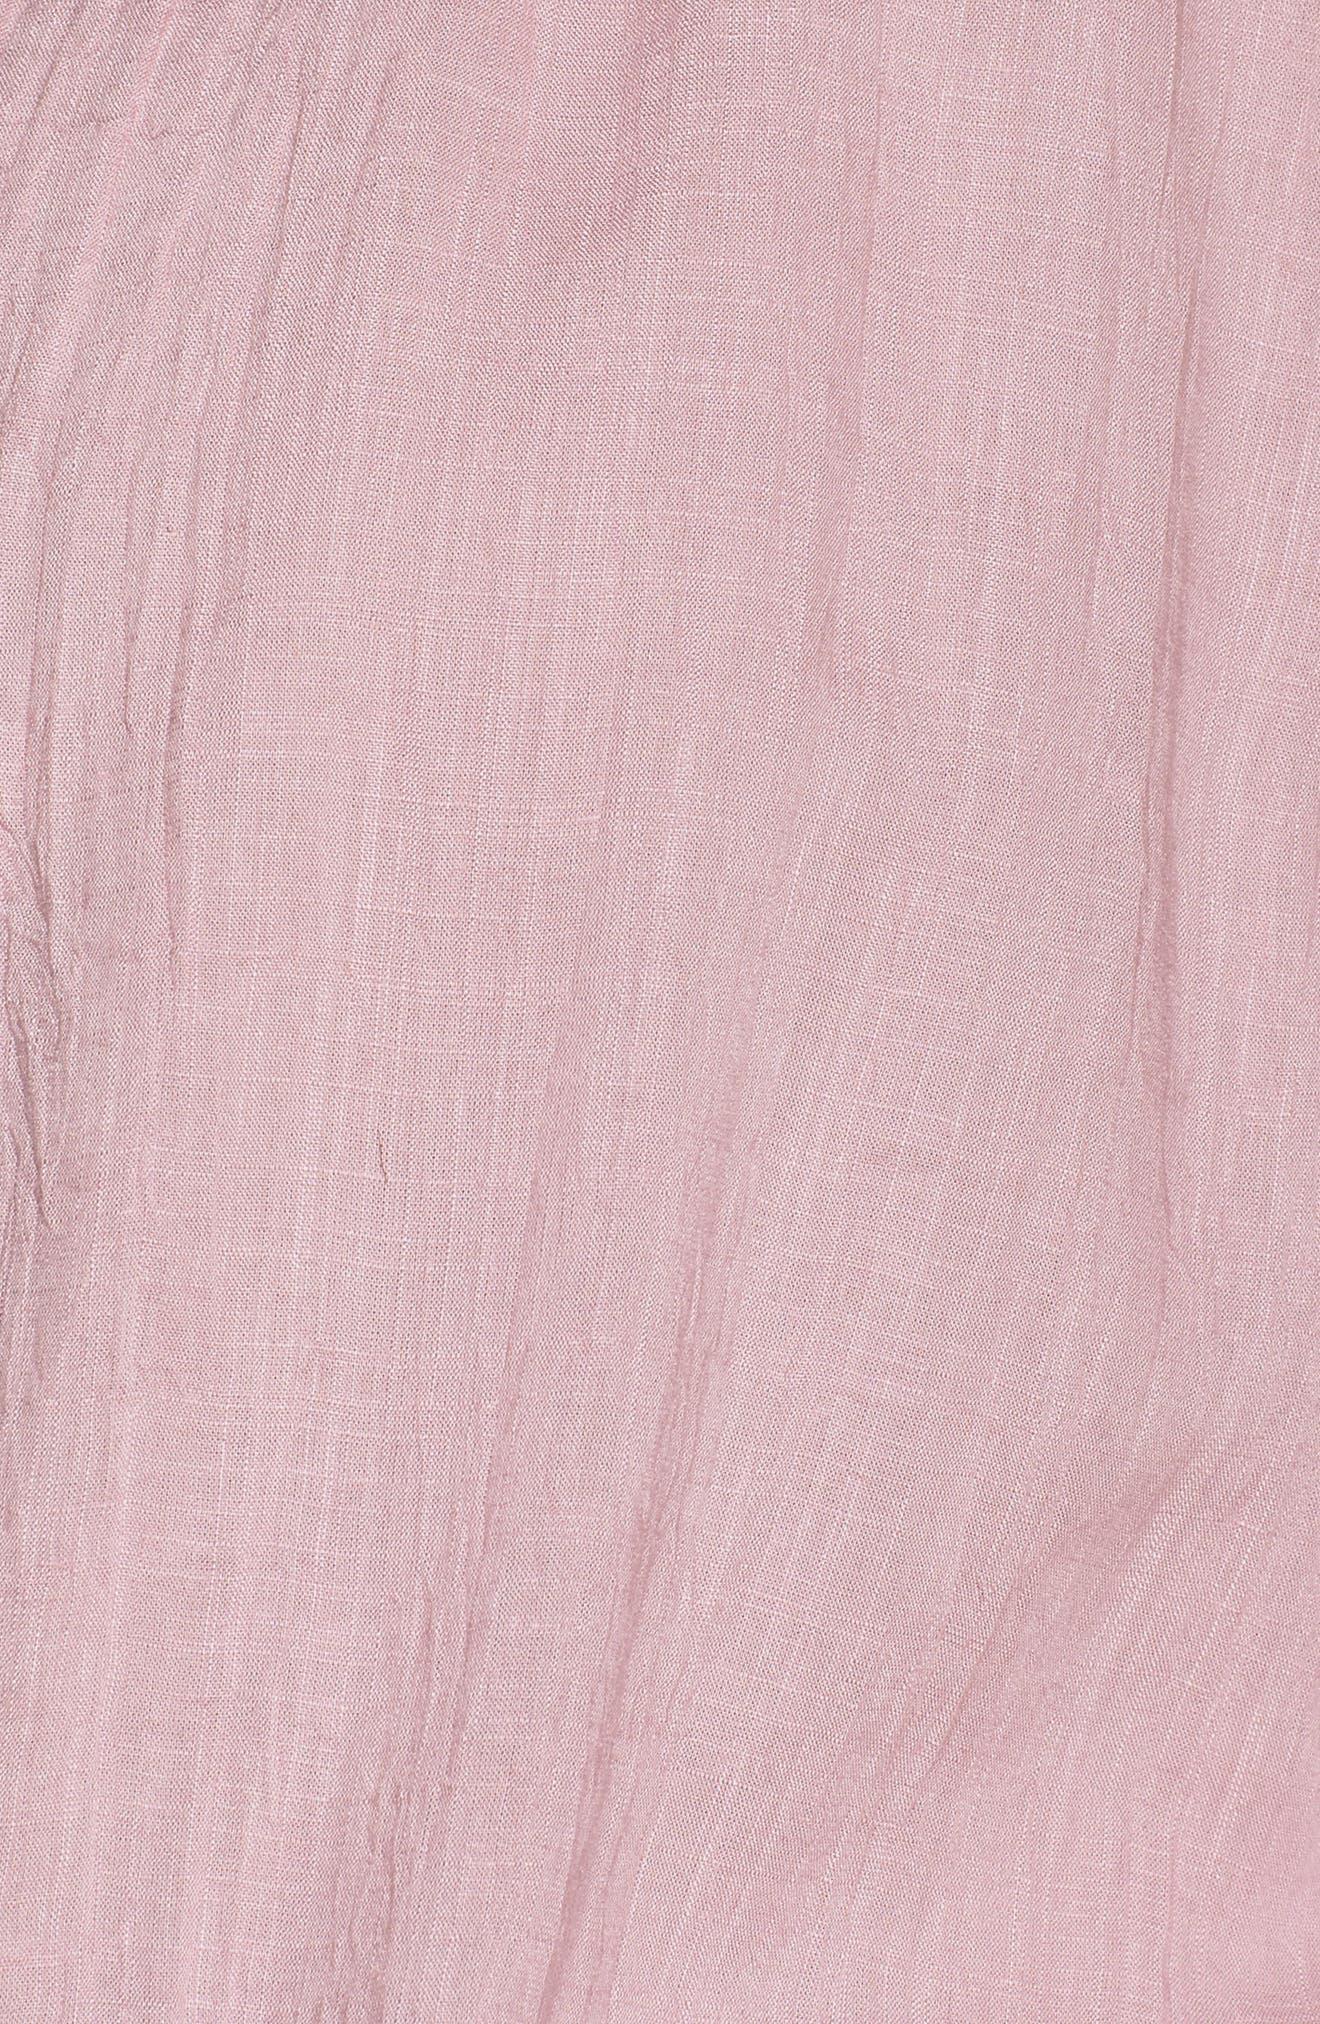 Lemay Peasant Dress,                             Alternate thumbnail 13, color,